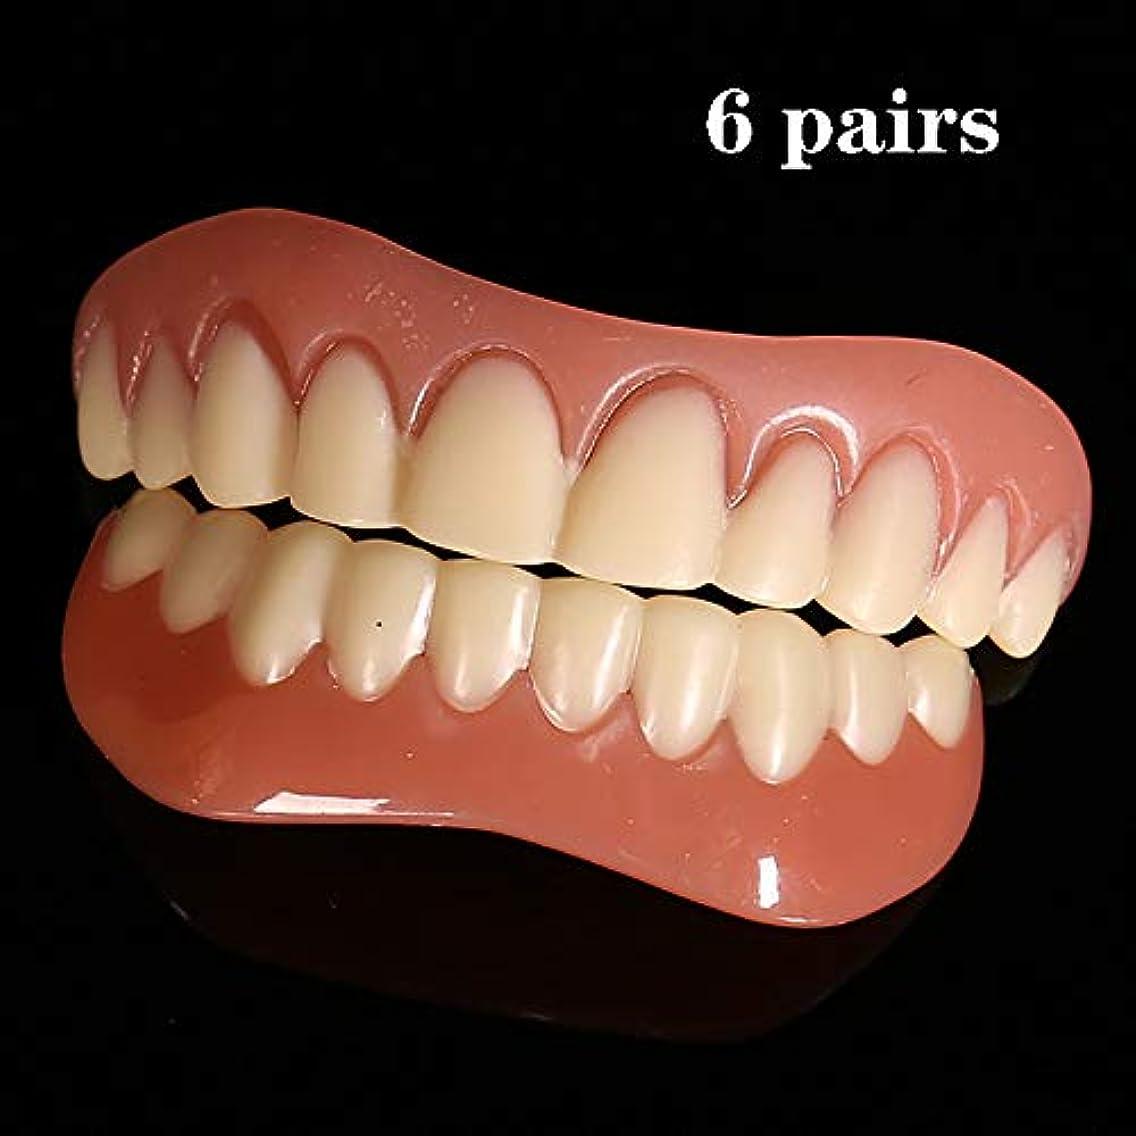 シンカン先史時代のこする歯のベニヤ化粧品の歯スナップオンセキュア6ペア上下の快適さフィット歯のベニヤセキュアインスタントスマイル化粧品ワンサイズ全ての義歯ケアツールにフィット